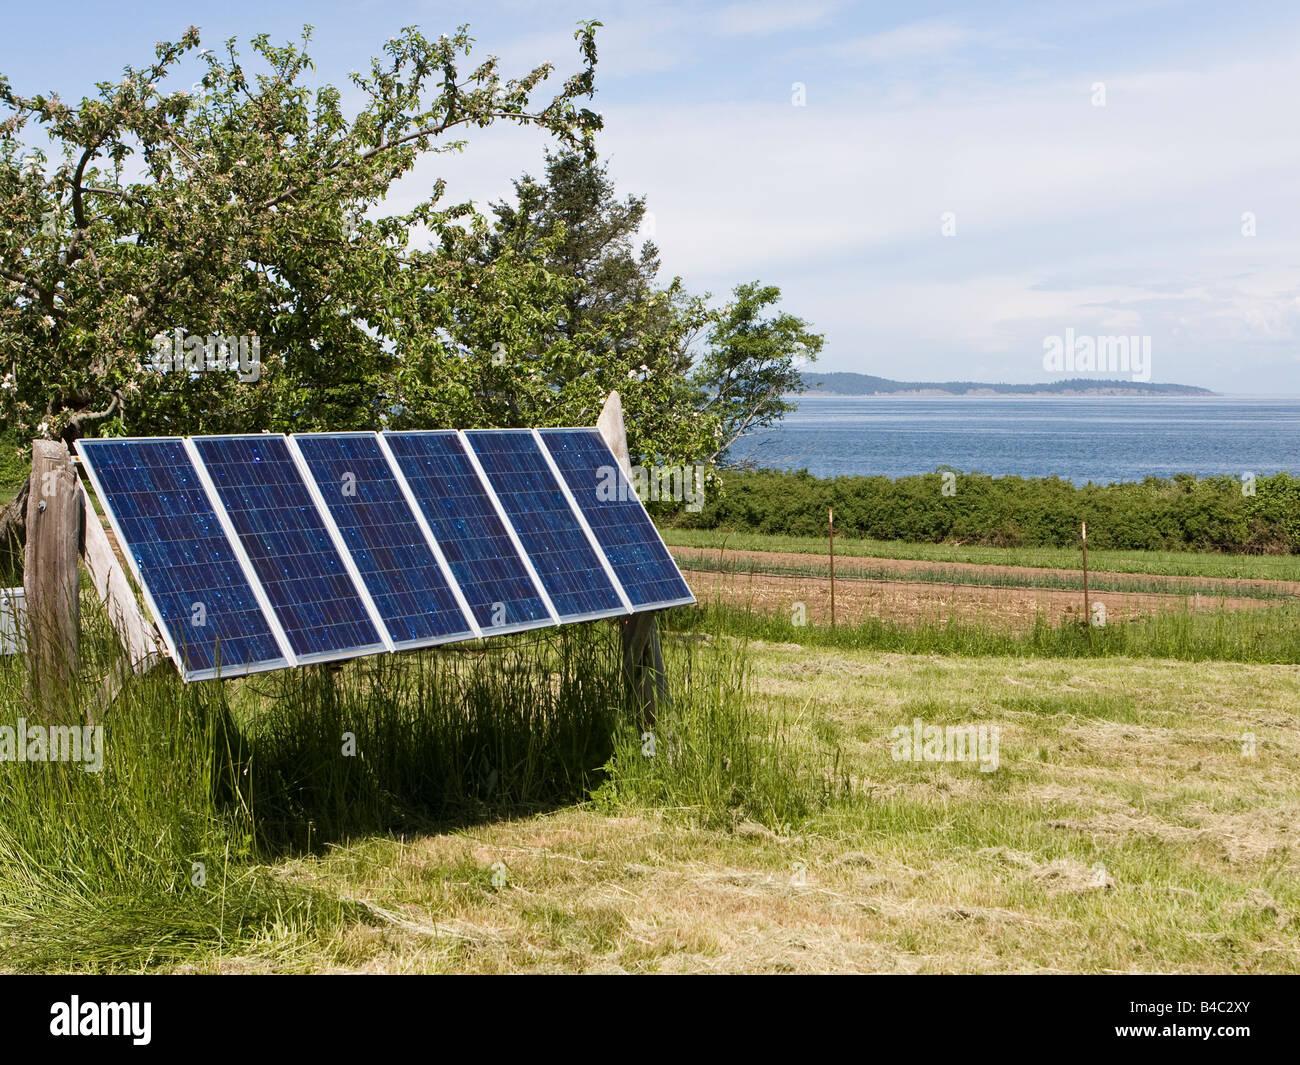 Un conjunto de paneles solares ubicada en una isla que proporcionan una fuente de energía renovable. Imagen De Stock